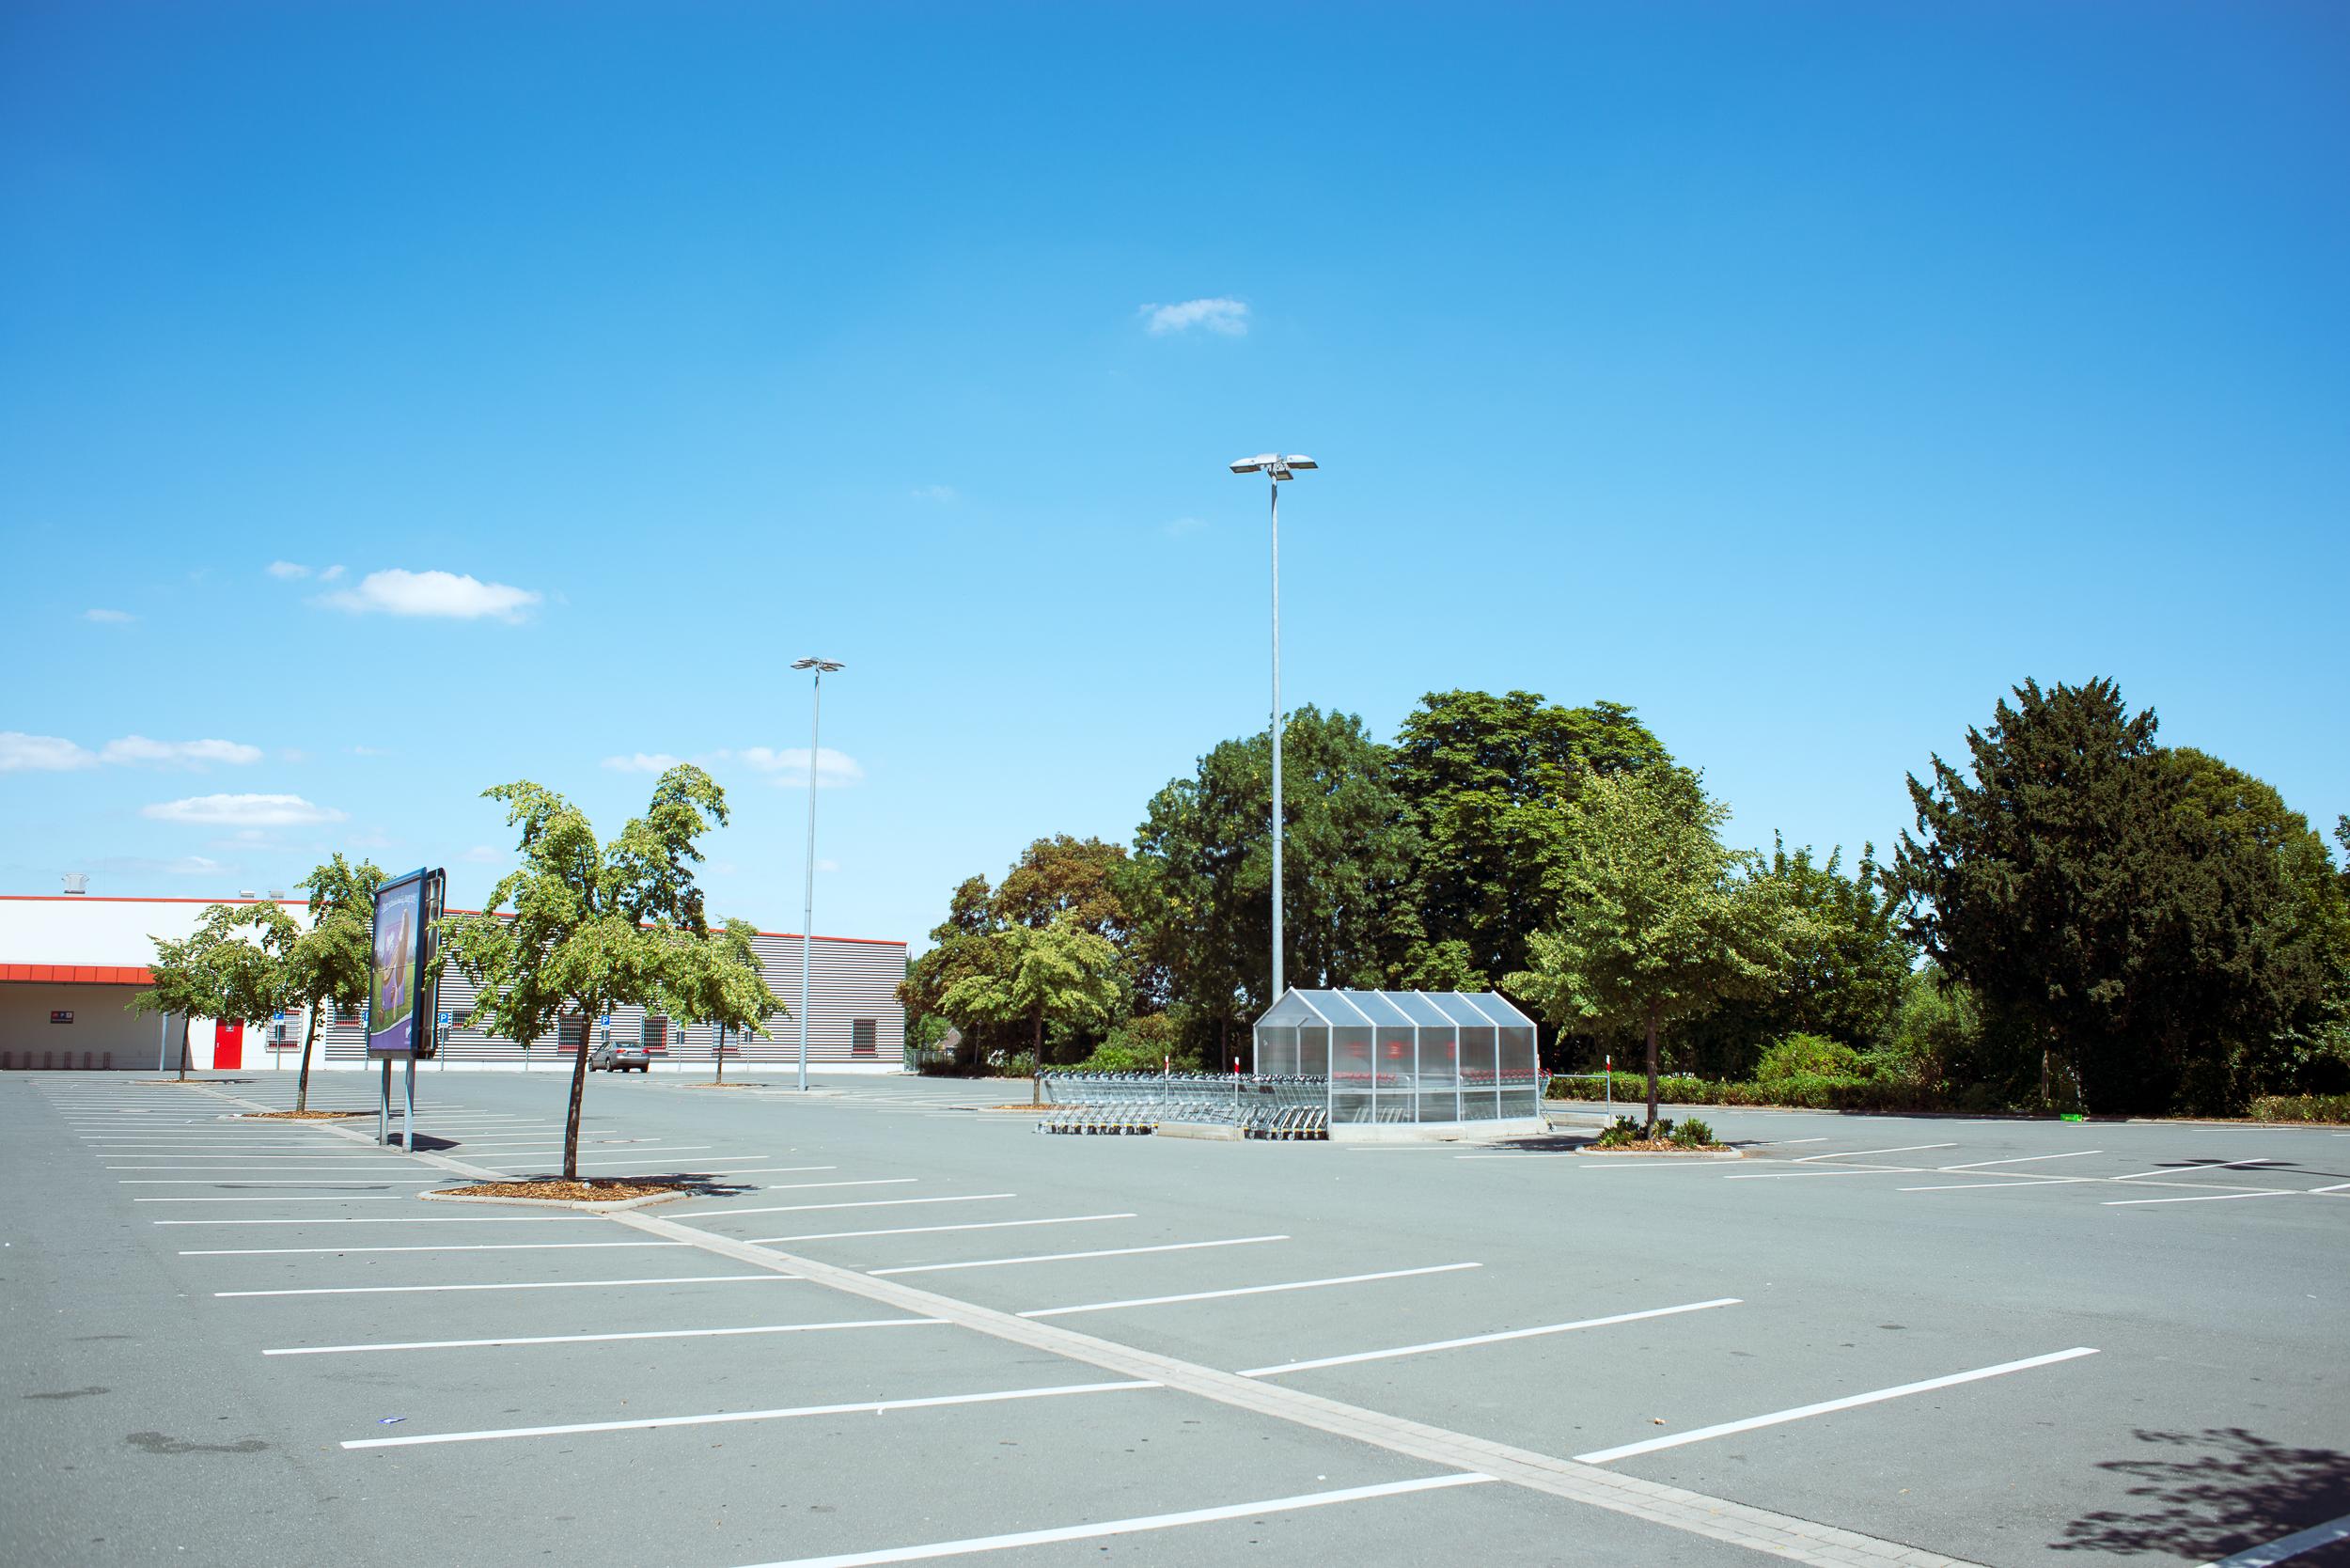 Supermarkt-Parkplatz_Kaufland_20180708_0290_2500px.jpg